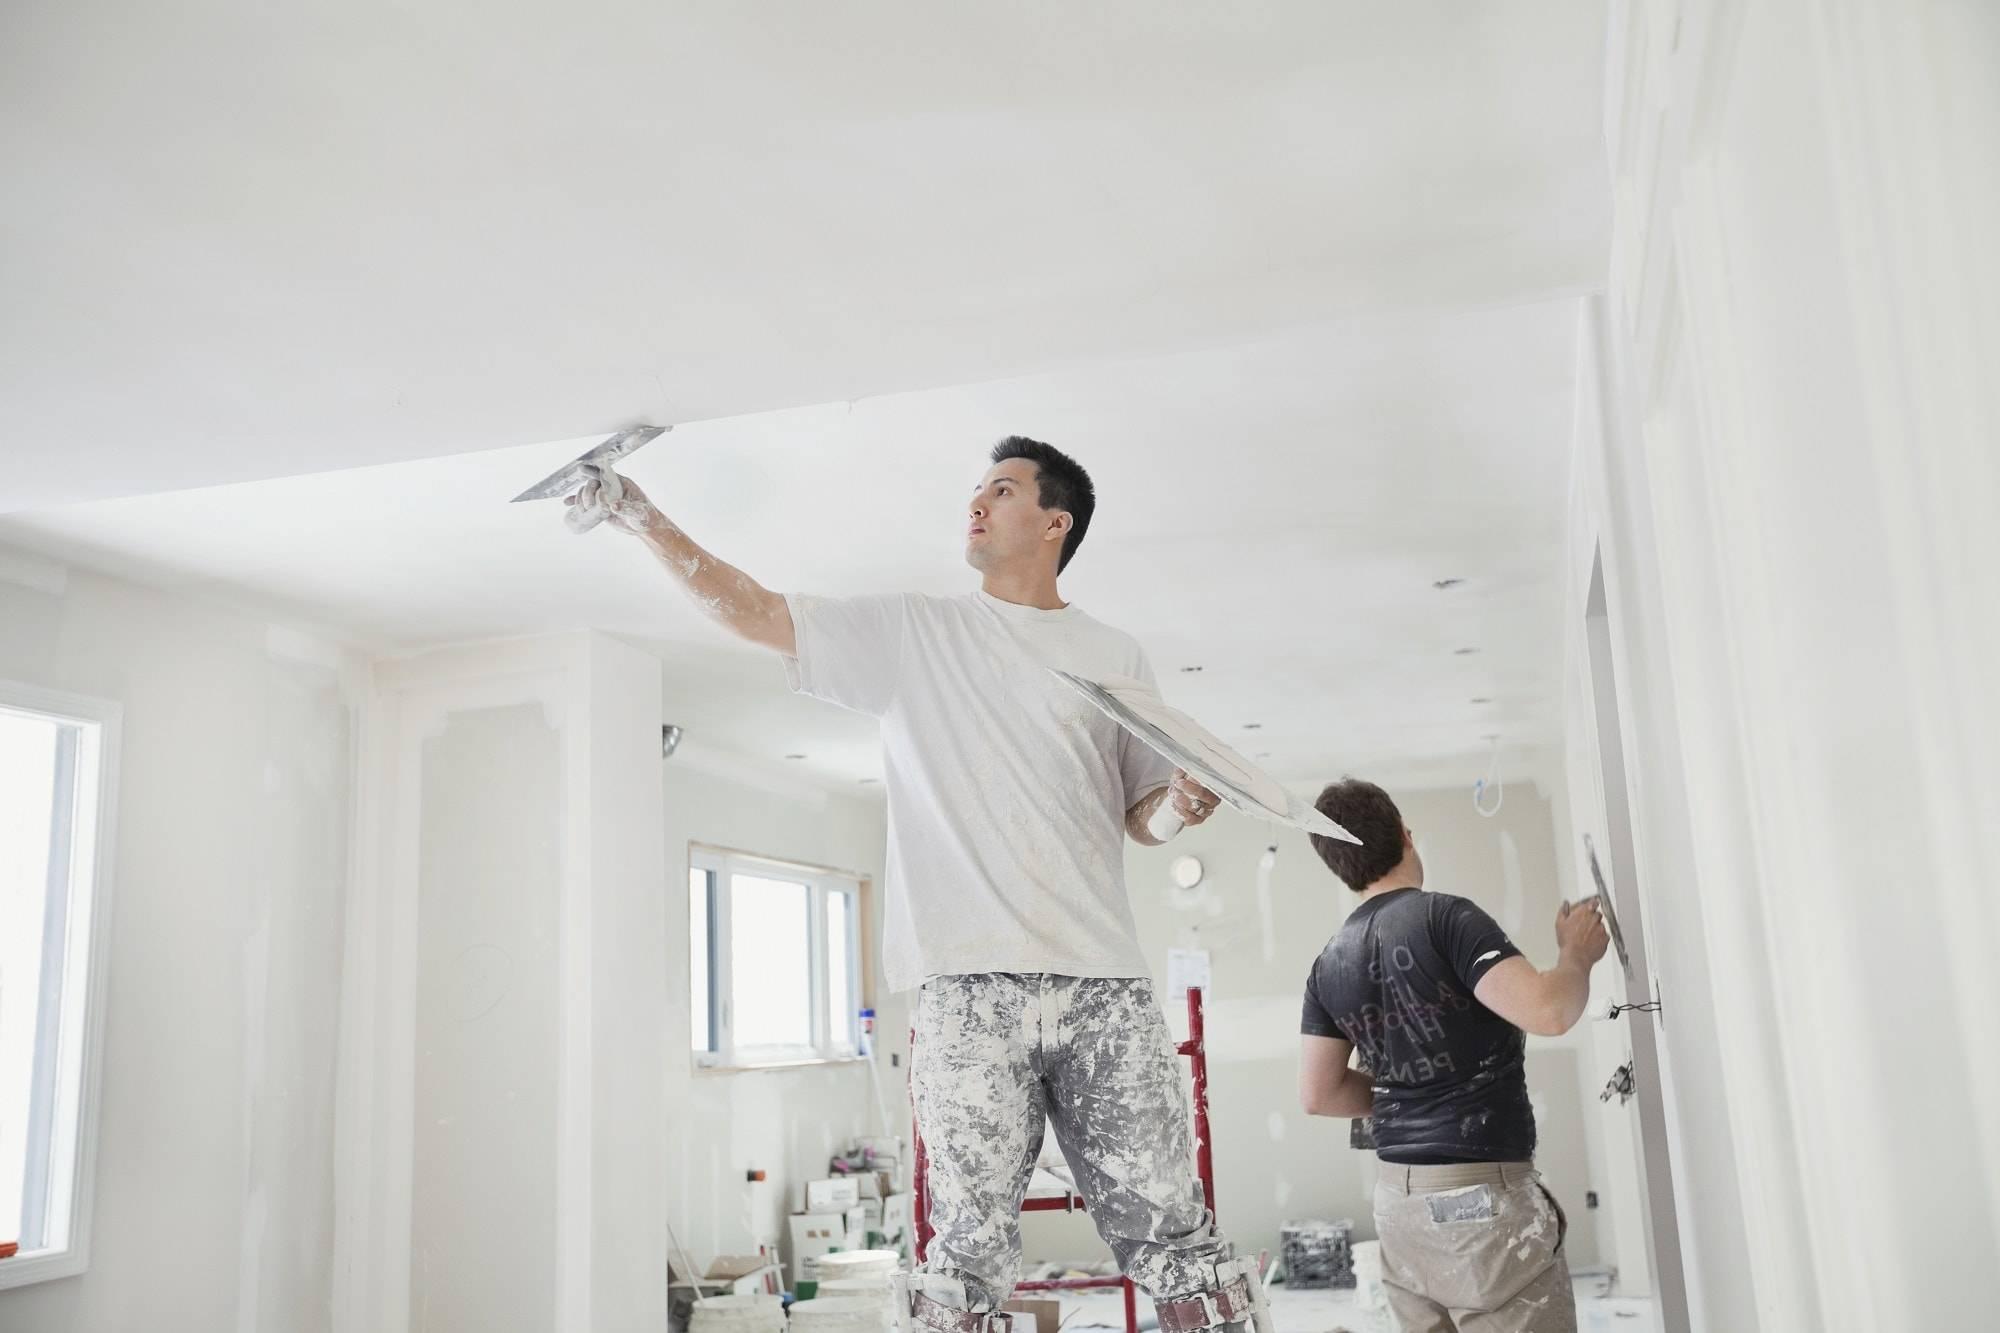 Какой шпаклевкой лучше шпаклевать потолок из гипсокартона под покраску